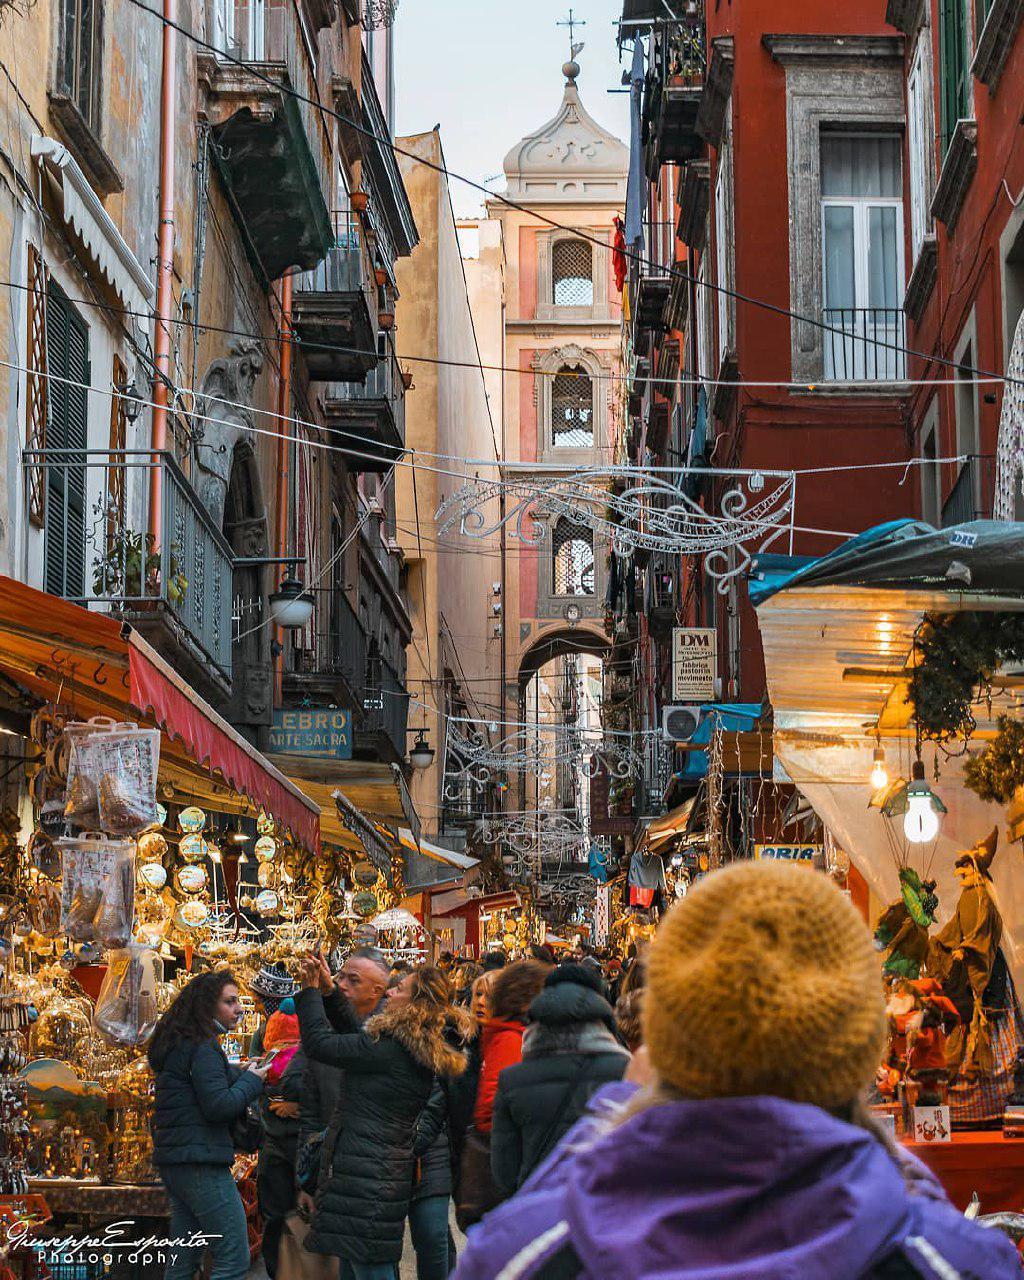 Fiera Di Roma International Estetica 2013 I Miei Acquisti: Fiera Di Natale 2018 A San Gregorio Armeno A Napoli